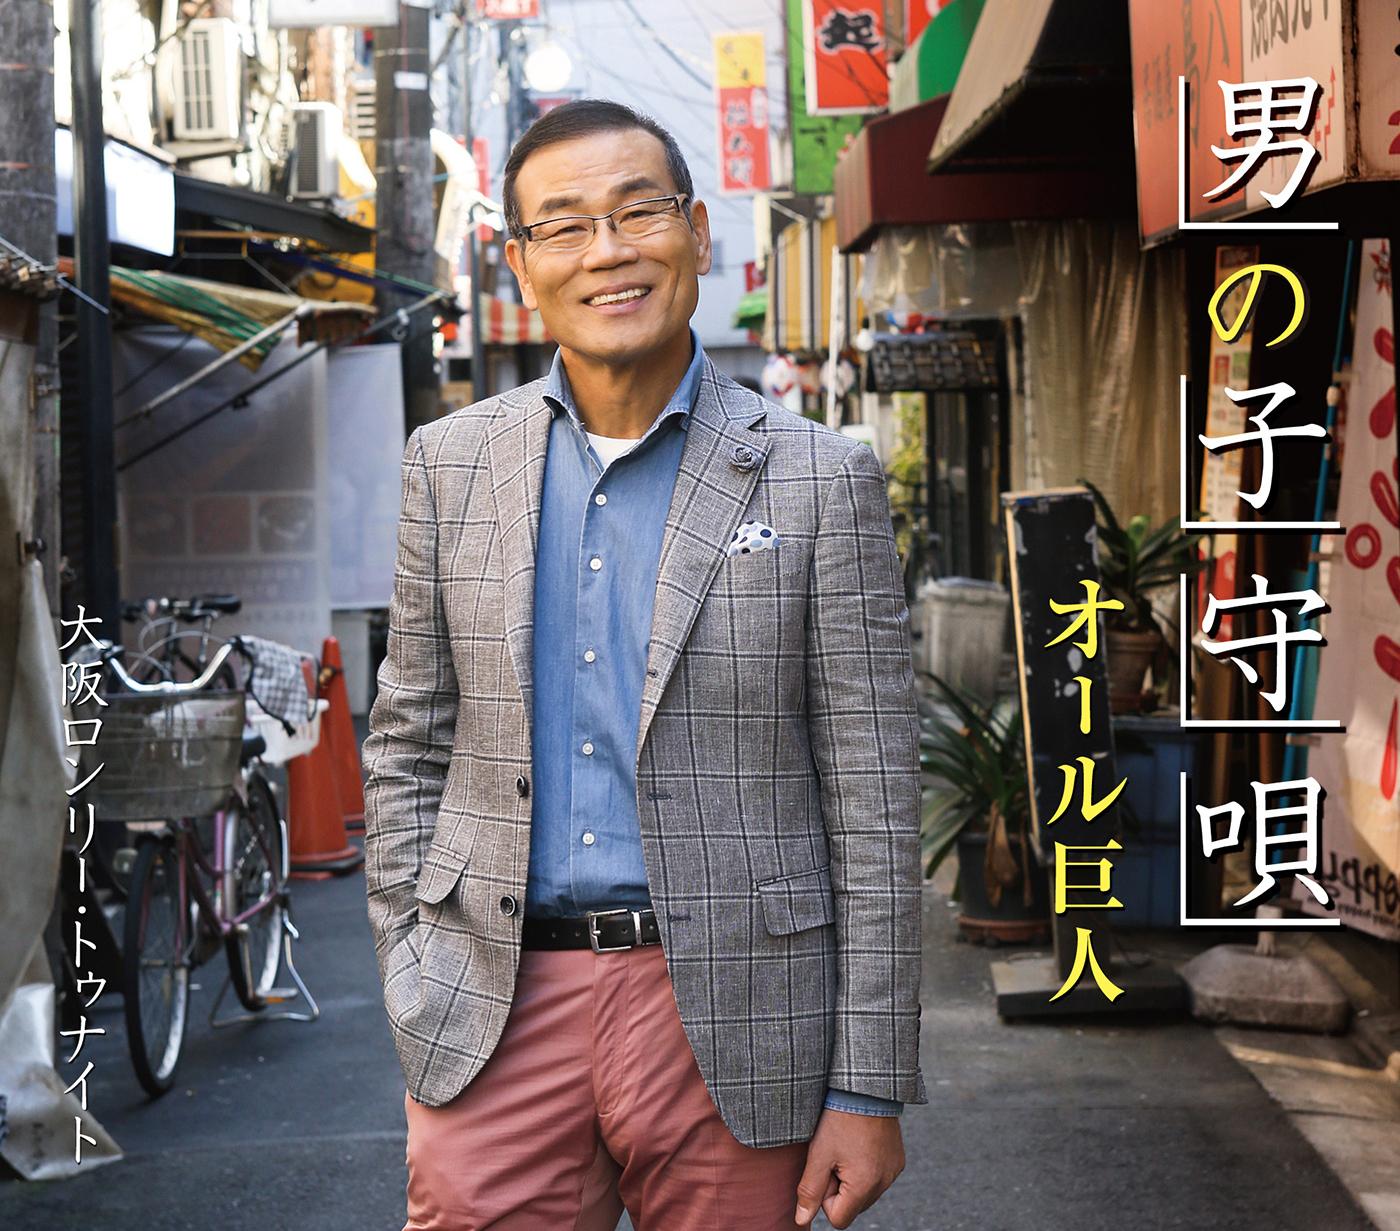 オール巨人 シングル『男の子守唄』(2016年5月18日発売) 高画質CDジャケット画像